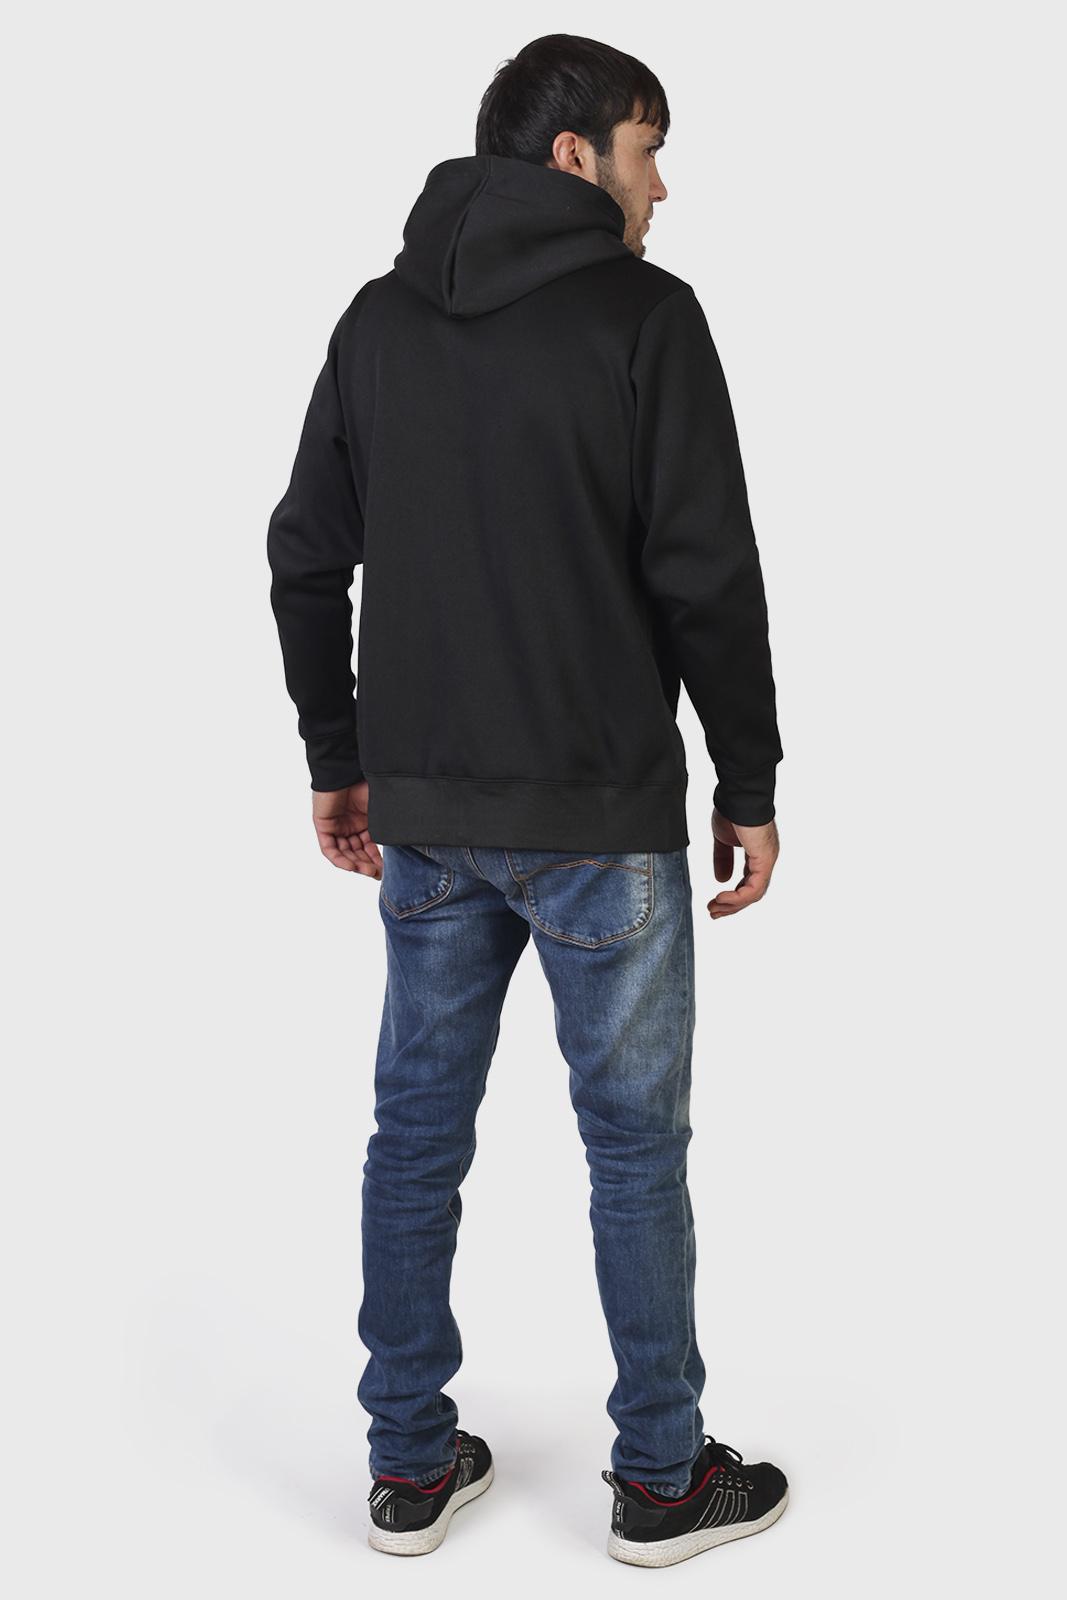 Мужская толстовка с шевроном Таможни купить с доставкой